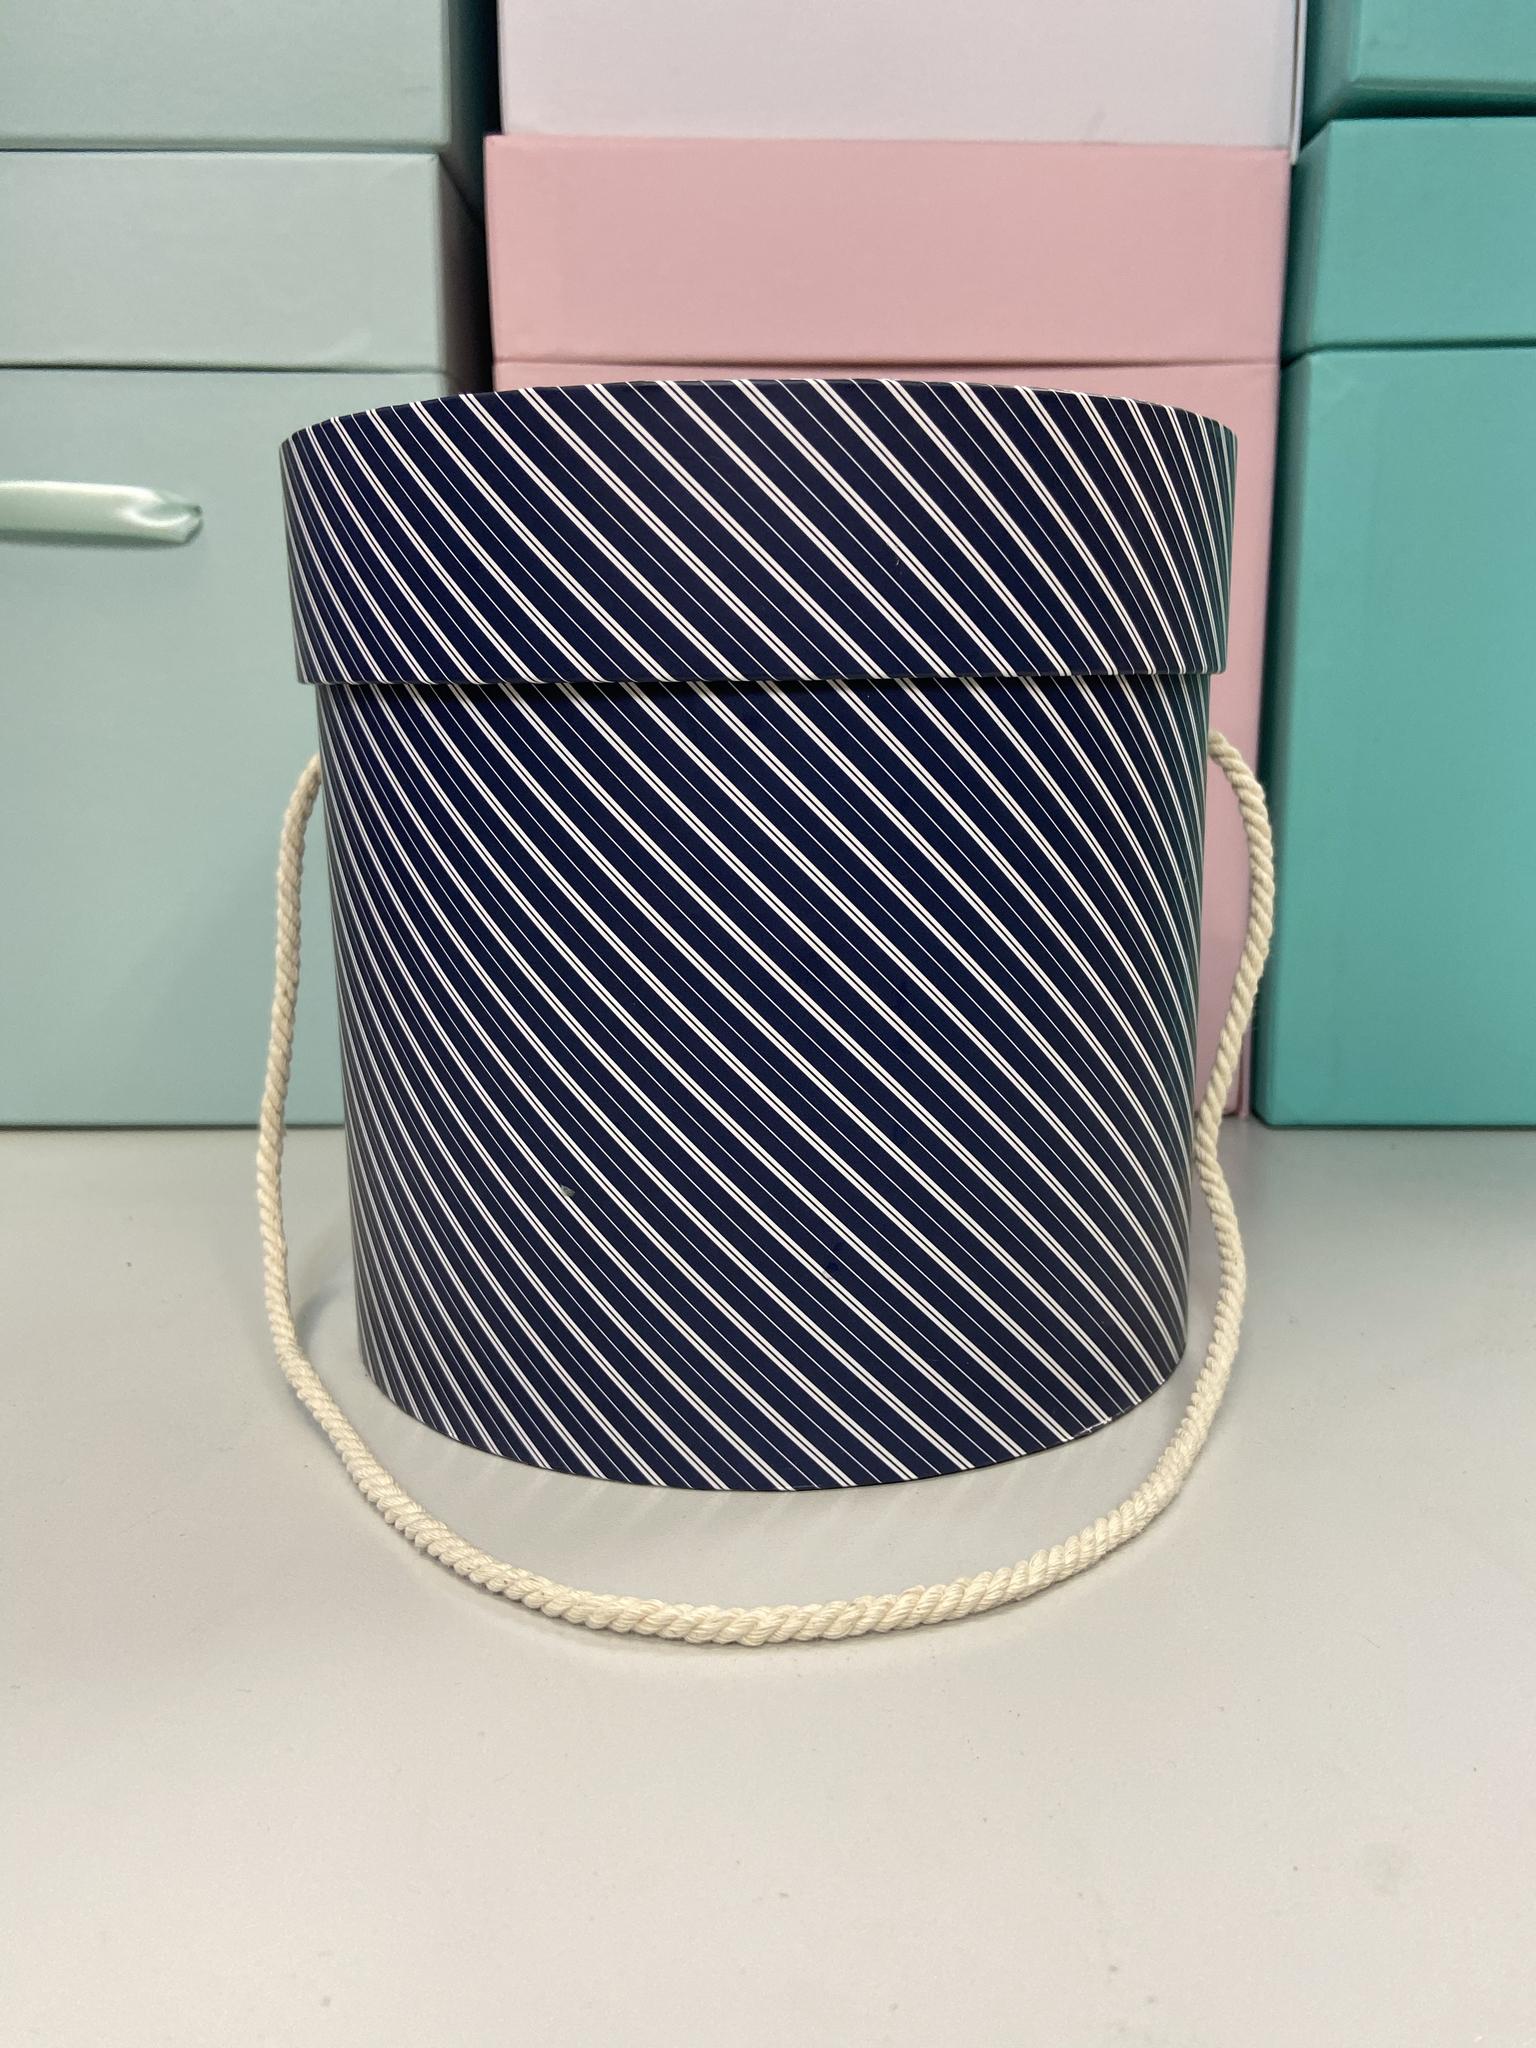 Шляпная коробка эконом вариант 16 см . В полоску . Розница 300 рублей .